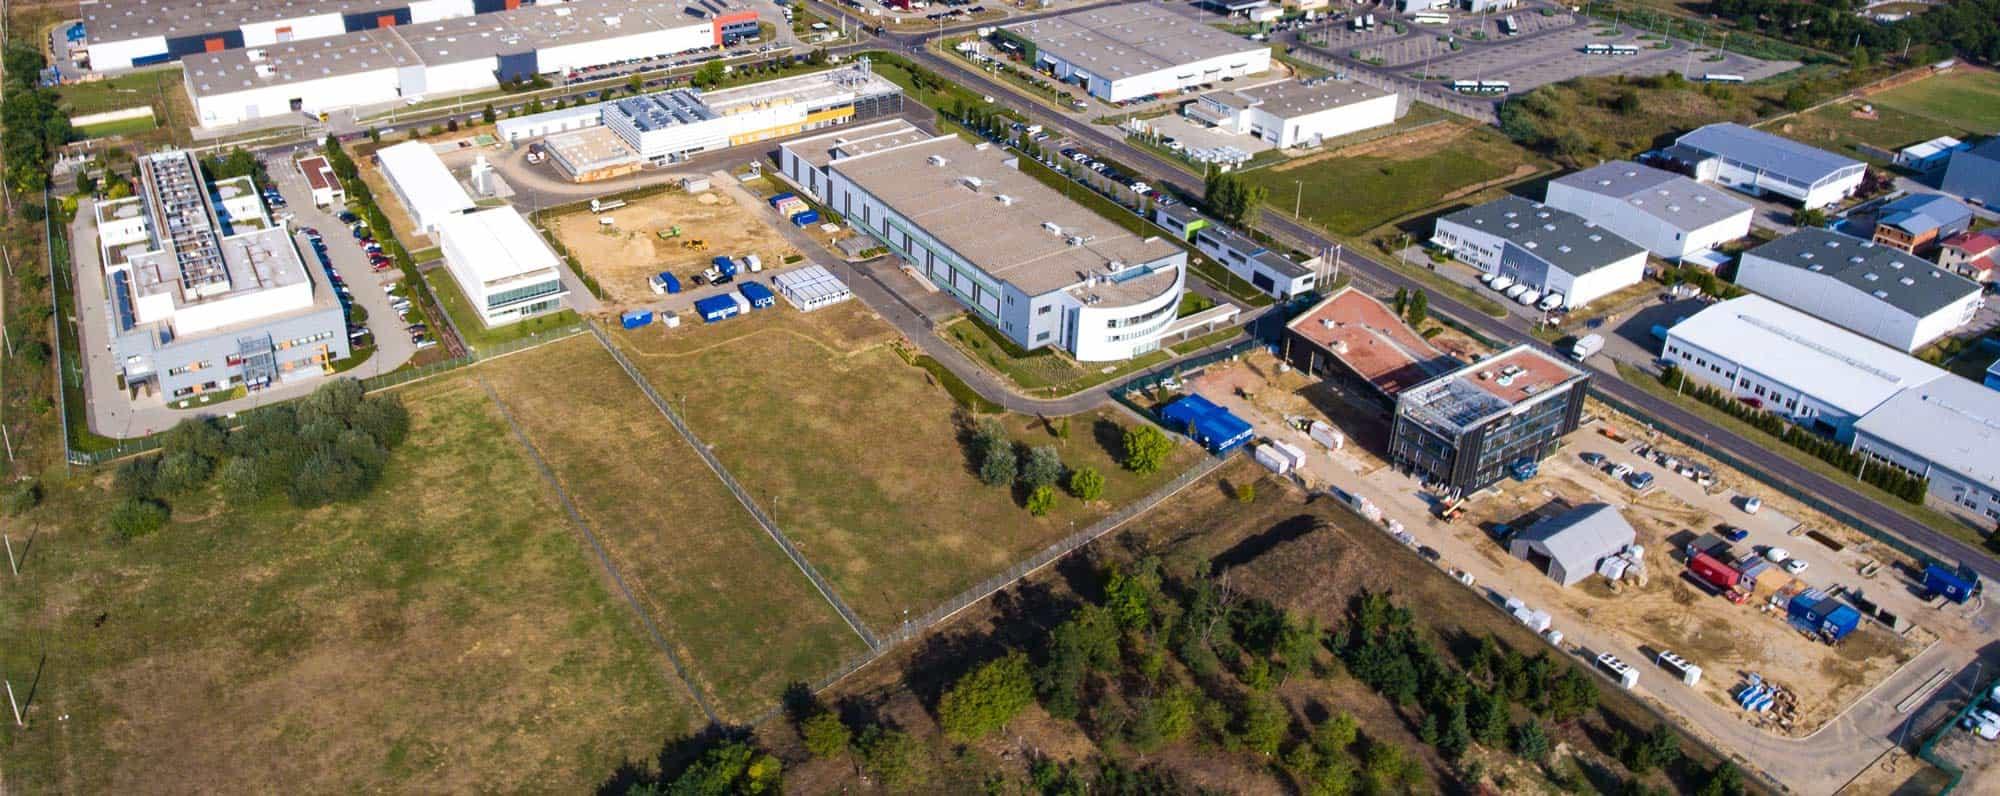 gedeon-richter-debrecen-biotech-facility-birdview